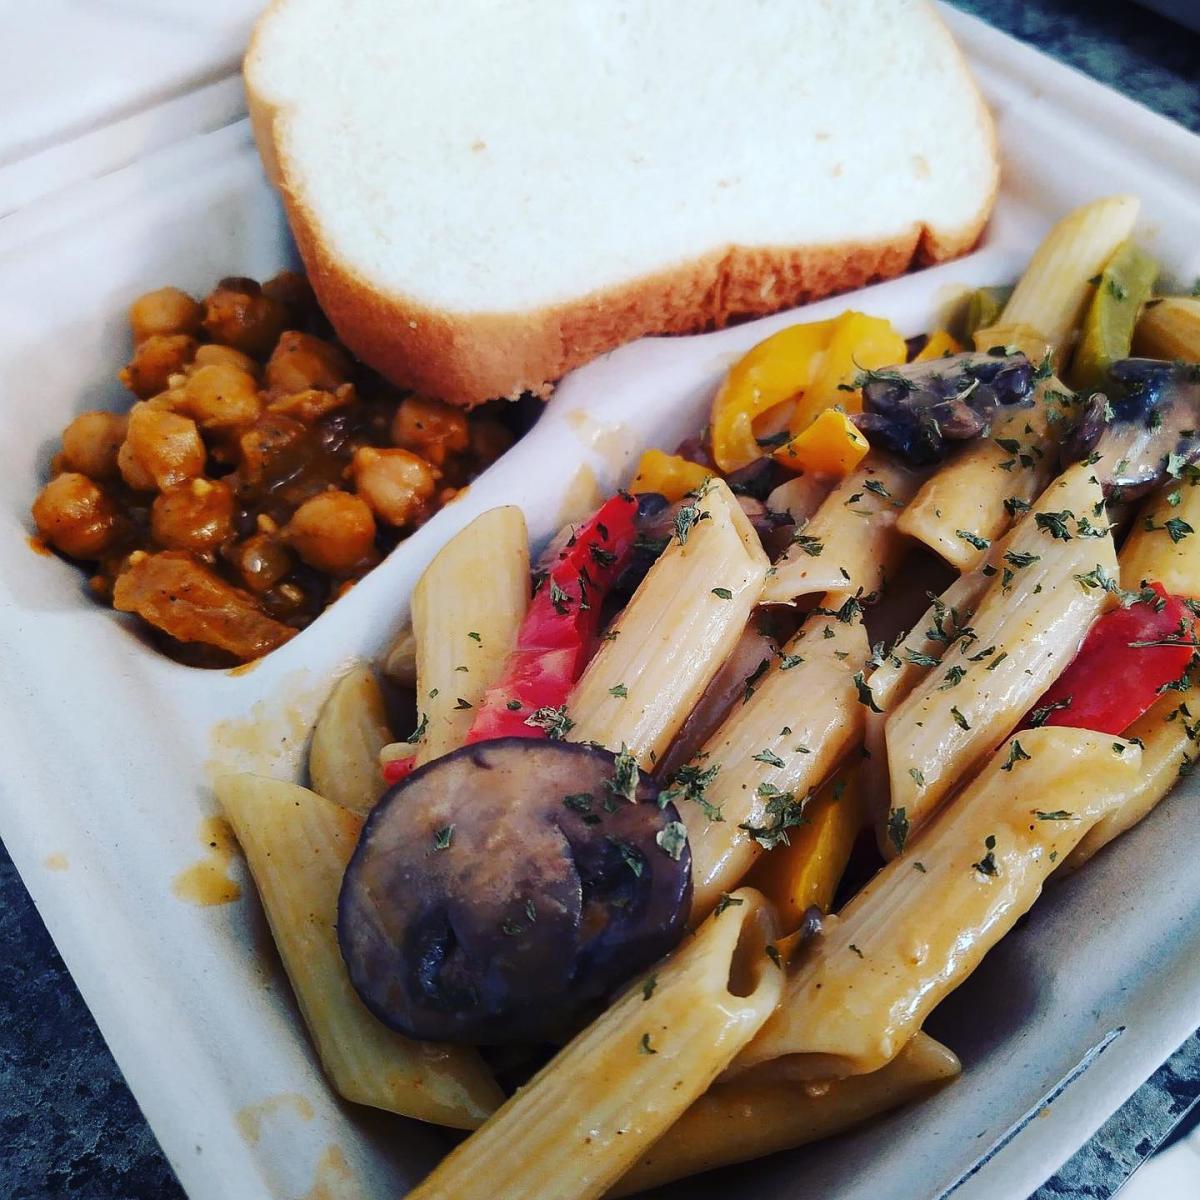 Vegan dish Northside Vegan